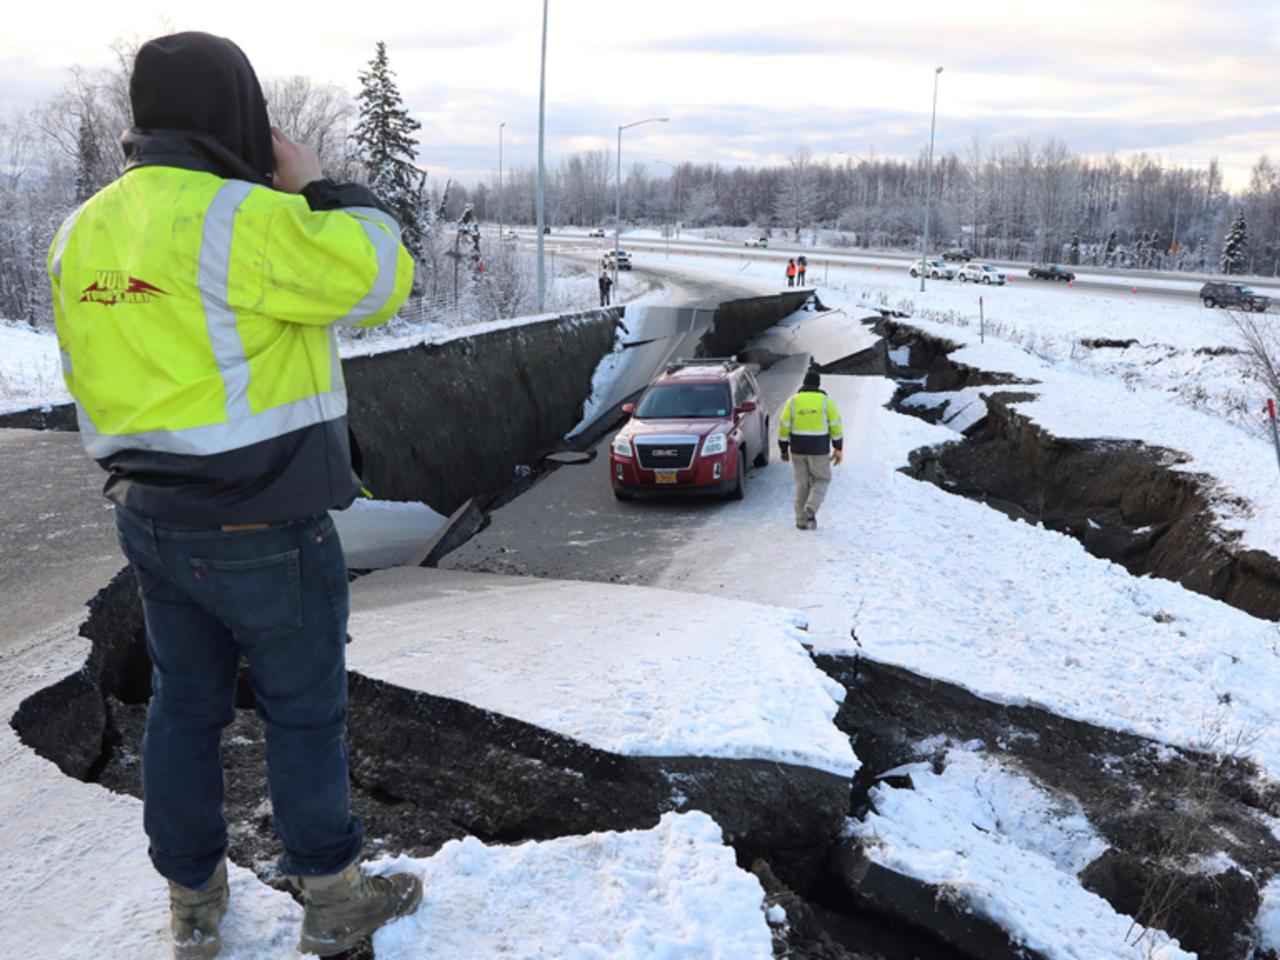 #VIDEO Terremoto de 8.2 en Alaska provoca evacuaciones por posible llegada de un tsunami